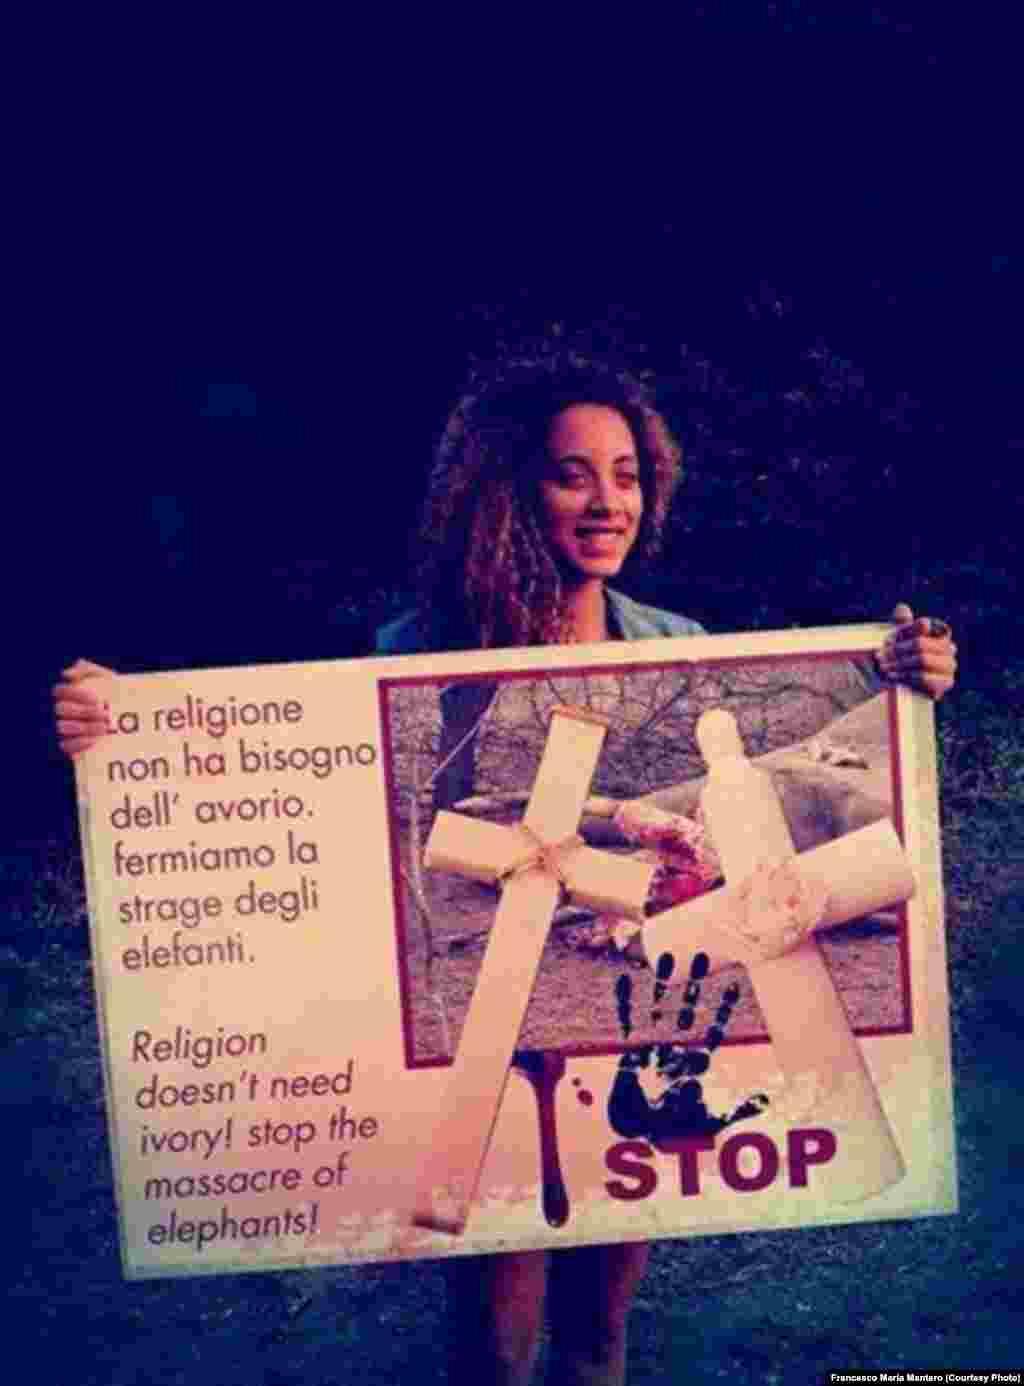 A religiao nao precisa de marfim, manifestação no Vaticano contra a caça furtiva em Moçambique. Foto de Francesco Maria Mantero